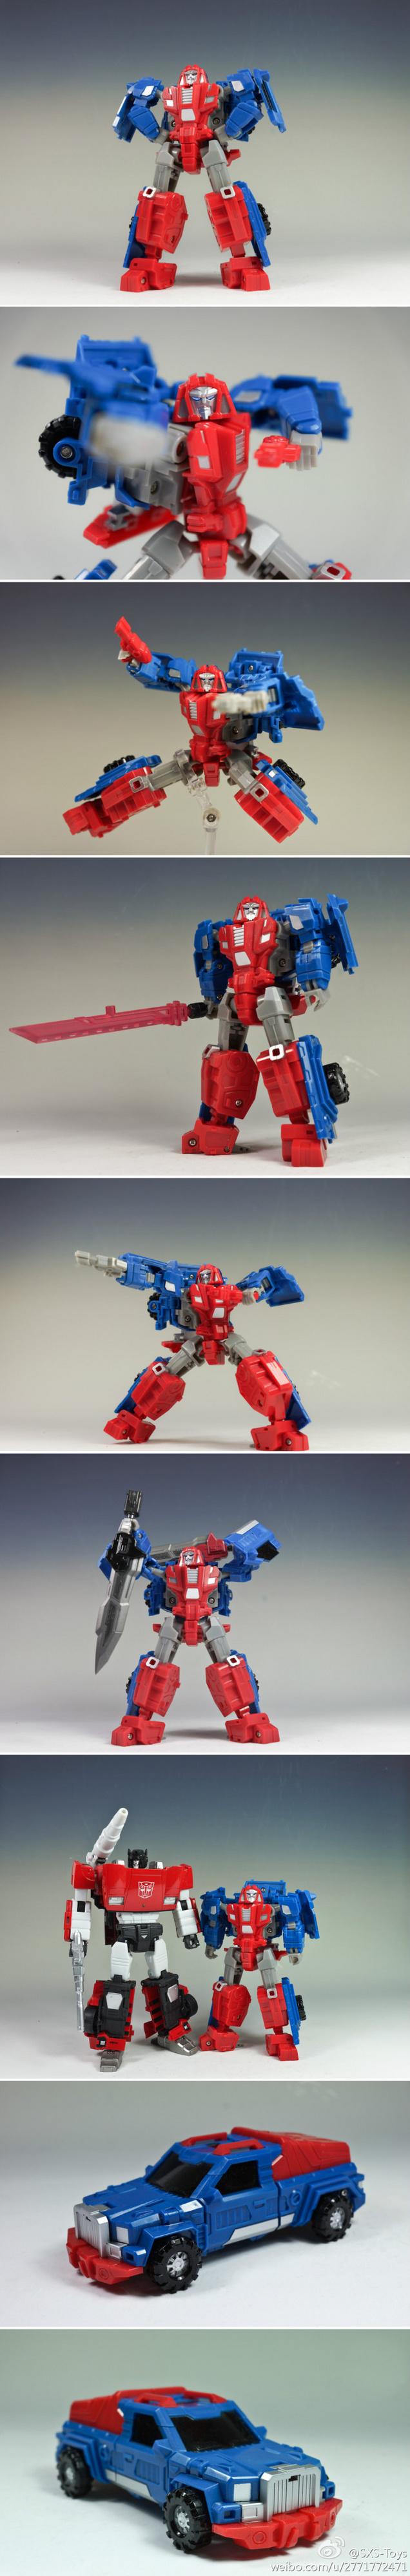 [SXS Toys] Produit Tiers - Jouets TF de la Gamme SXS - des BD TF d'IDW Continuouslyvariable-toy_1370031875